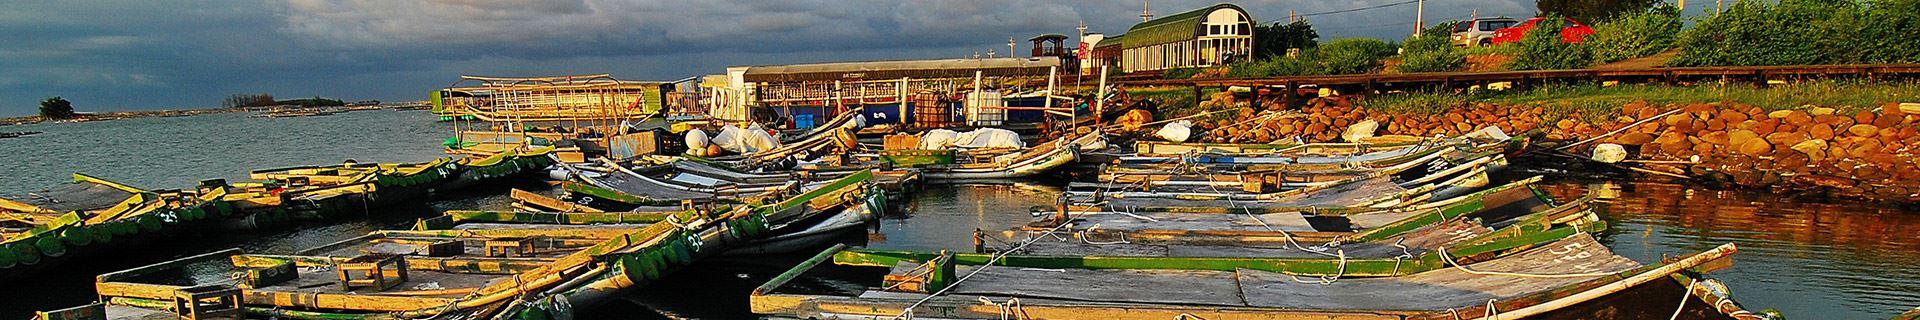 Nanwan Wharf